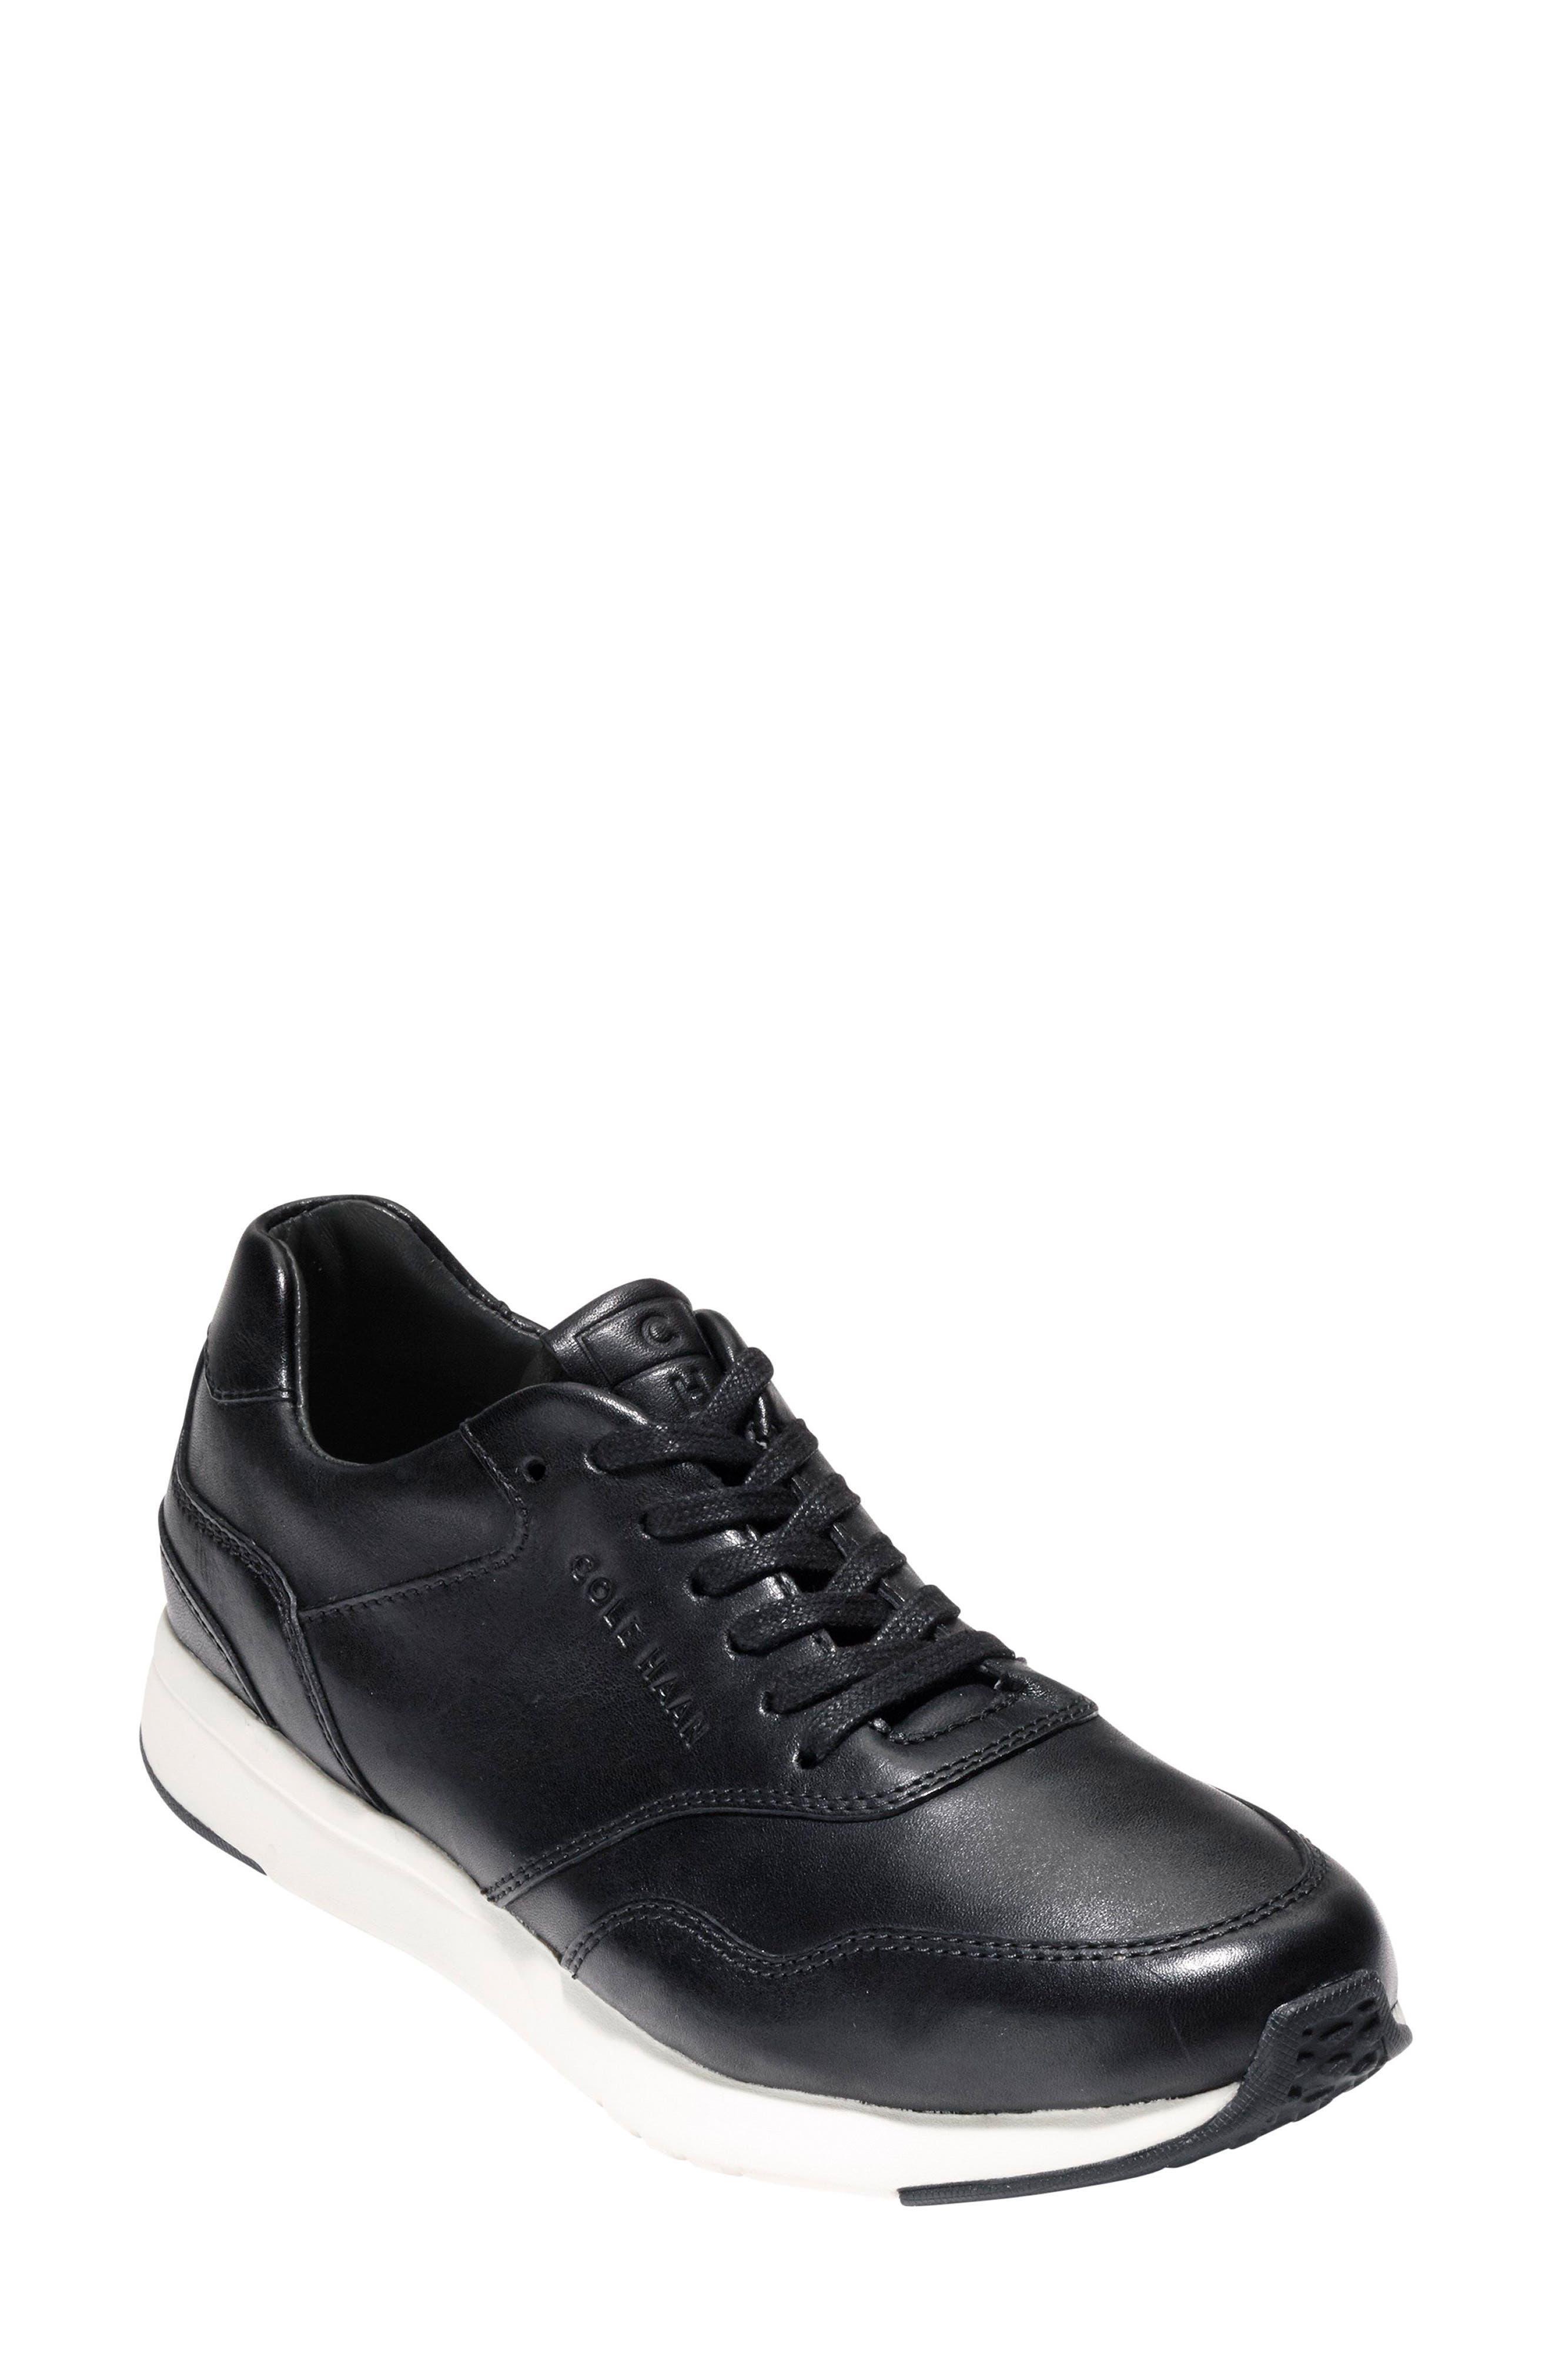 Grandpro Runner Sneaker,                         Main,                         color, Black/ Optic White Leather